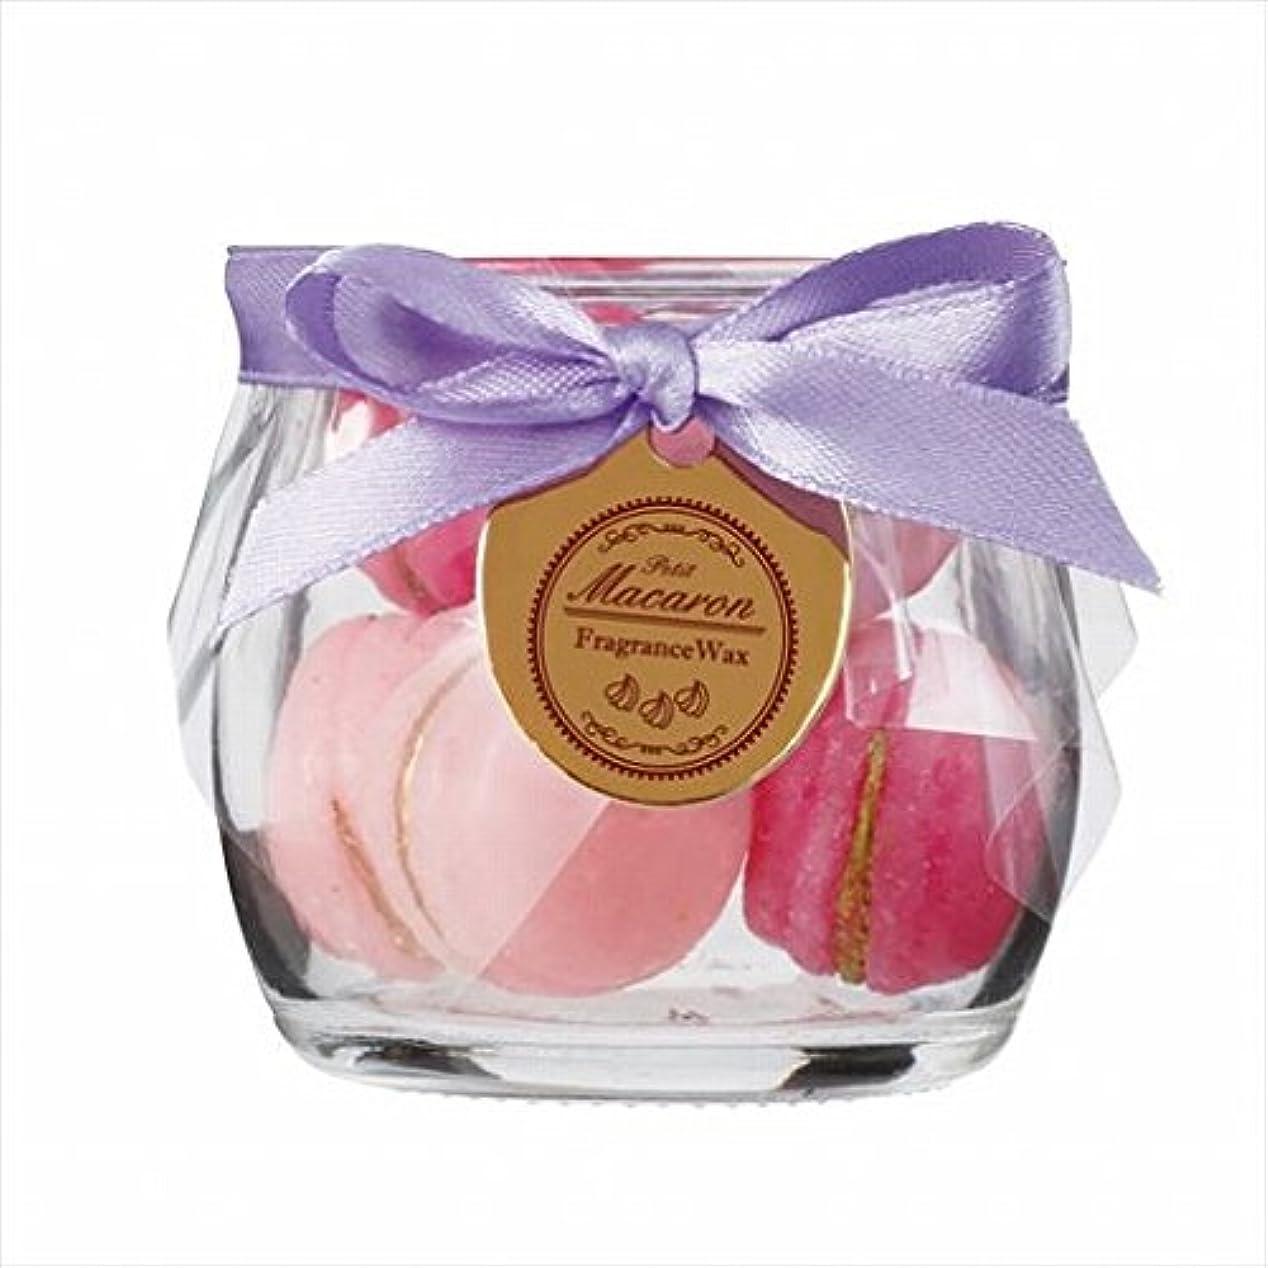 光景荒野ドロップスイーツキャンドル( sweets candle ) プチマカロンフレグランス 「 バニラ 」 キャンドル